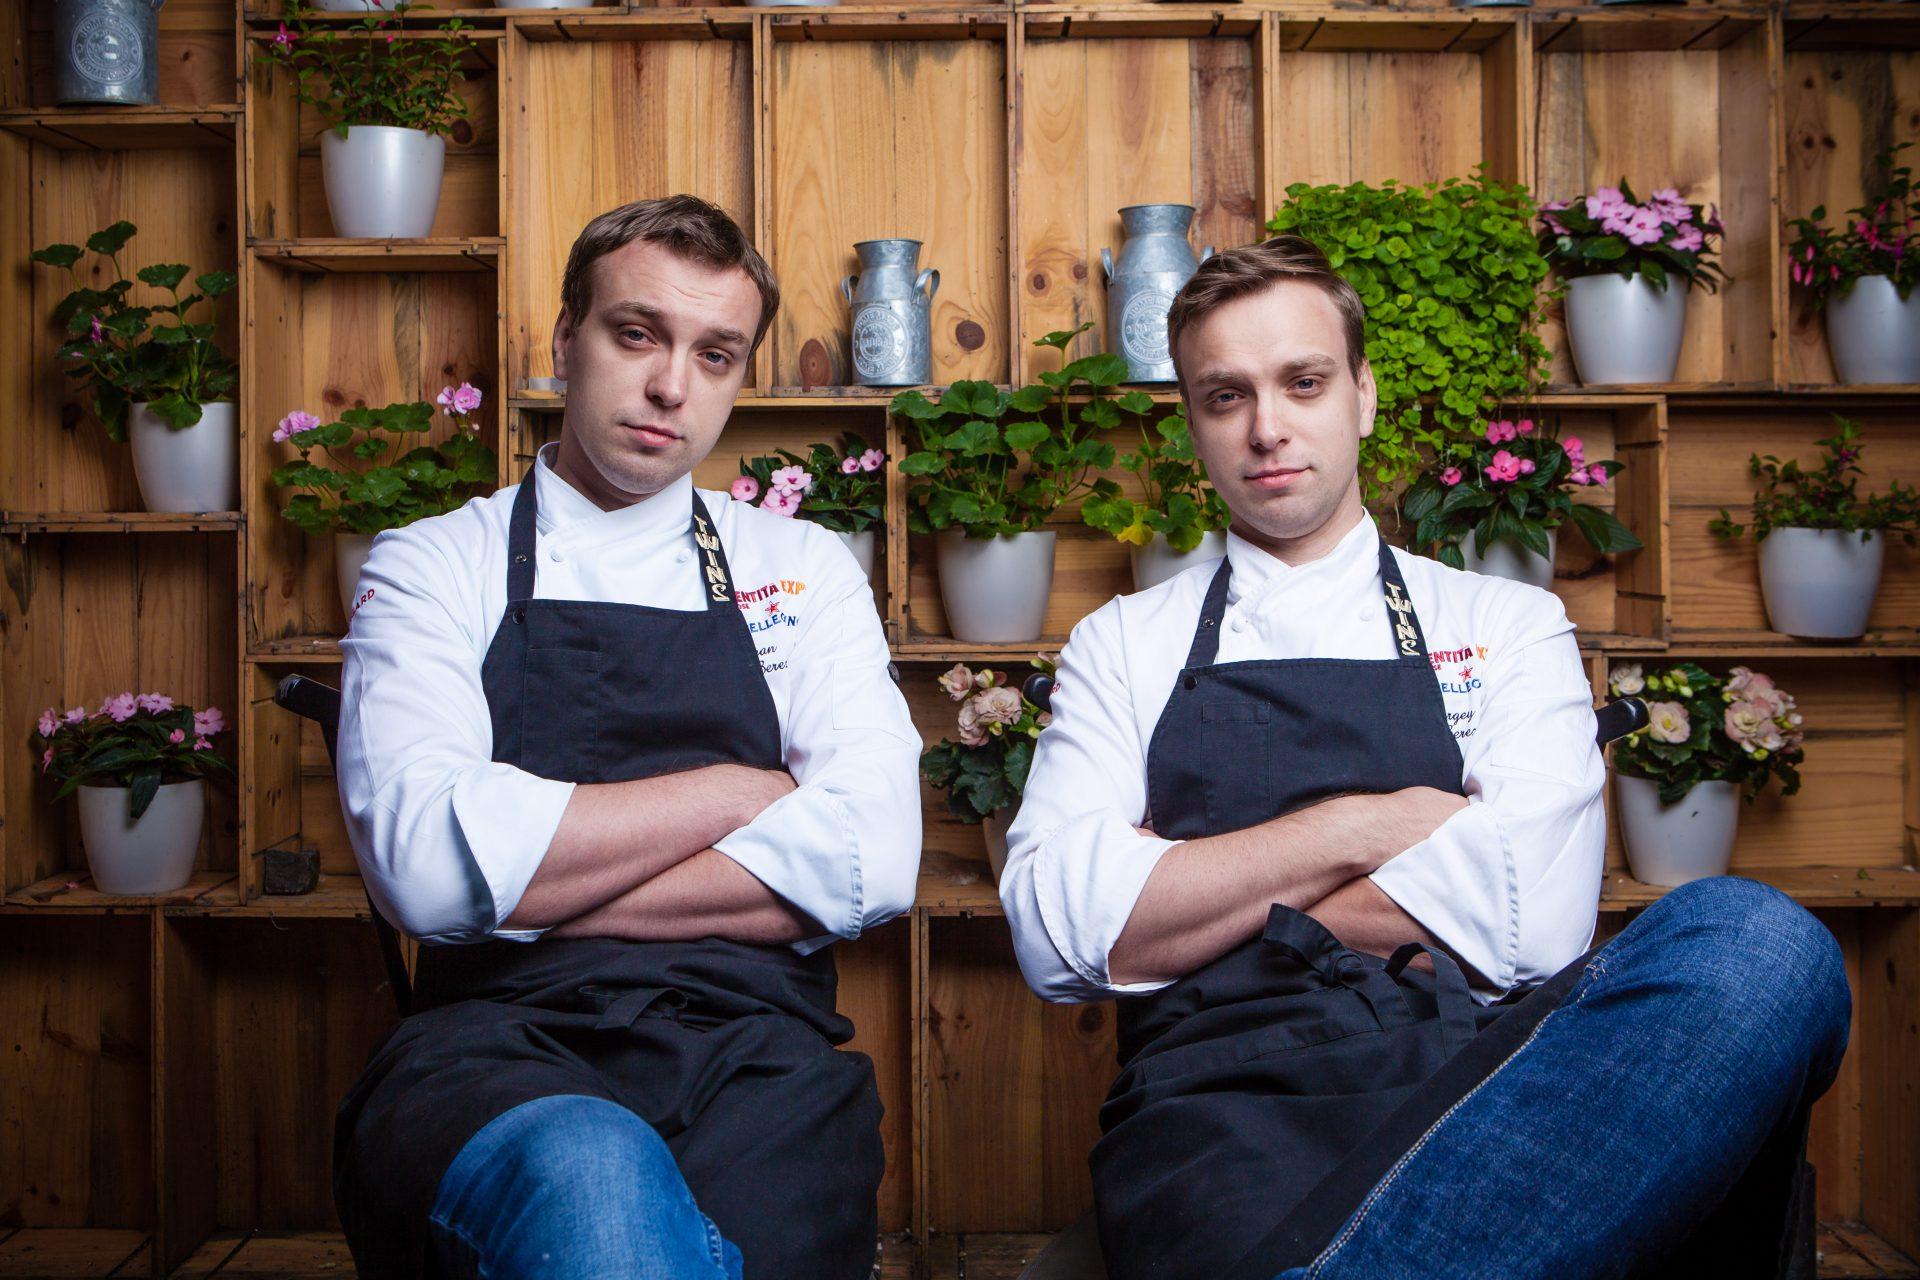 Twins: los gemelos rusos duplican el sabor